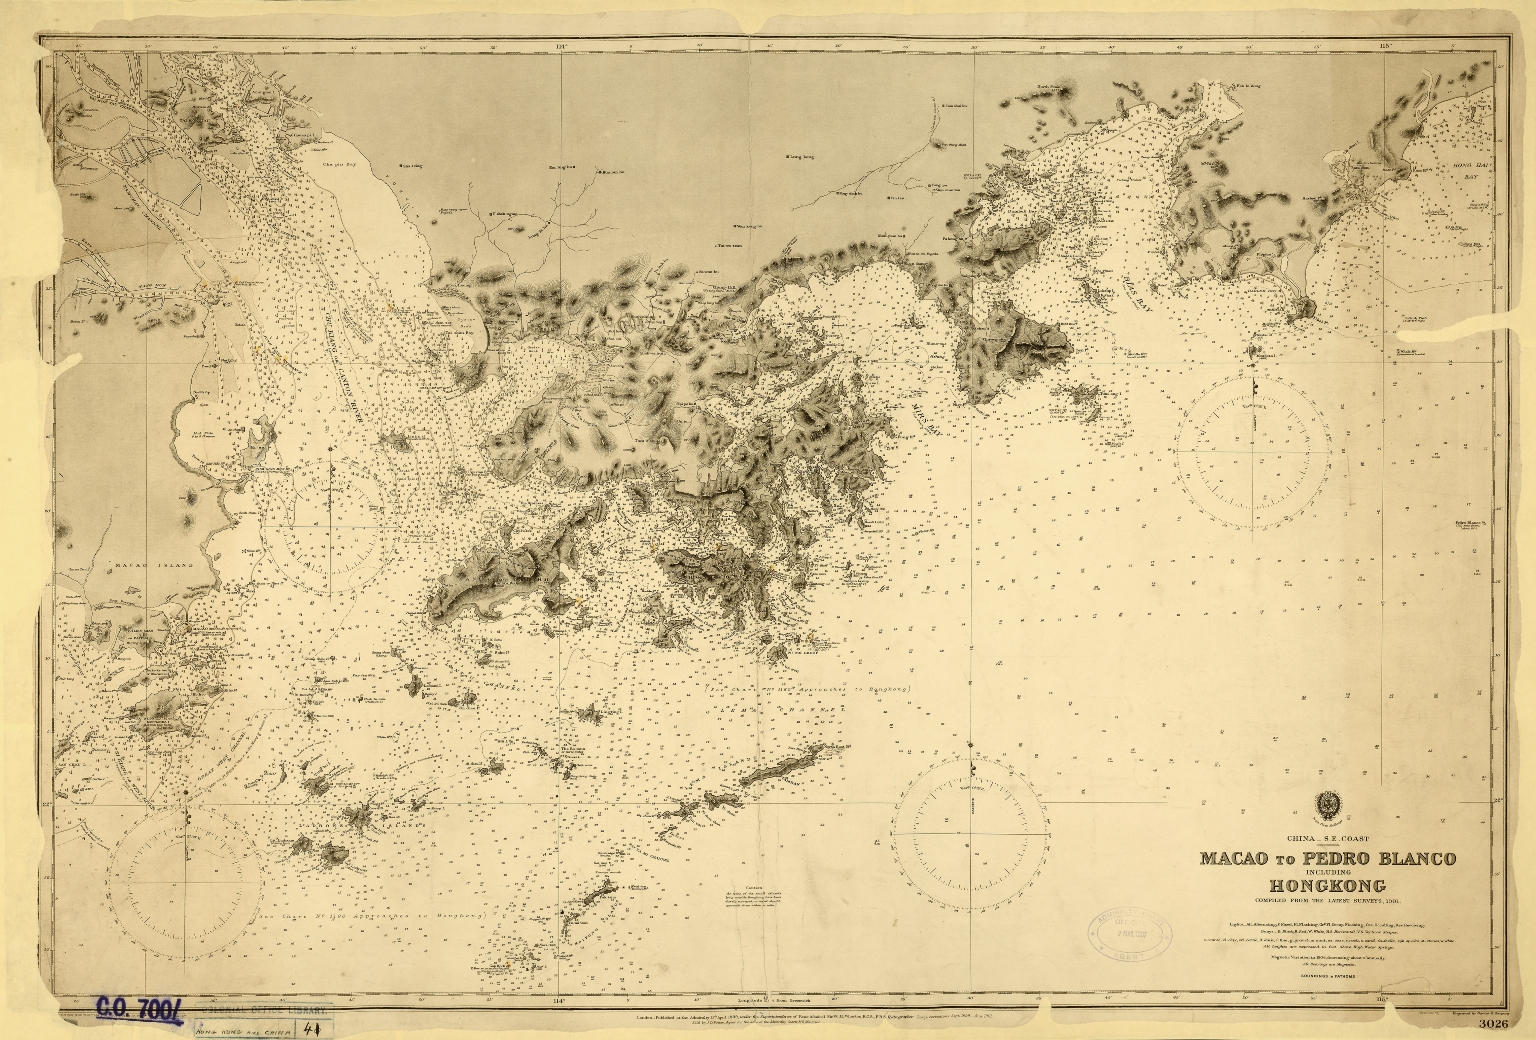 China. S.E. Coast. Macao to Pedro Blanco, including Hongkong